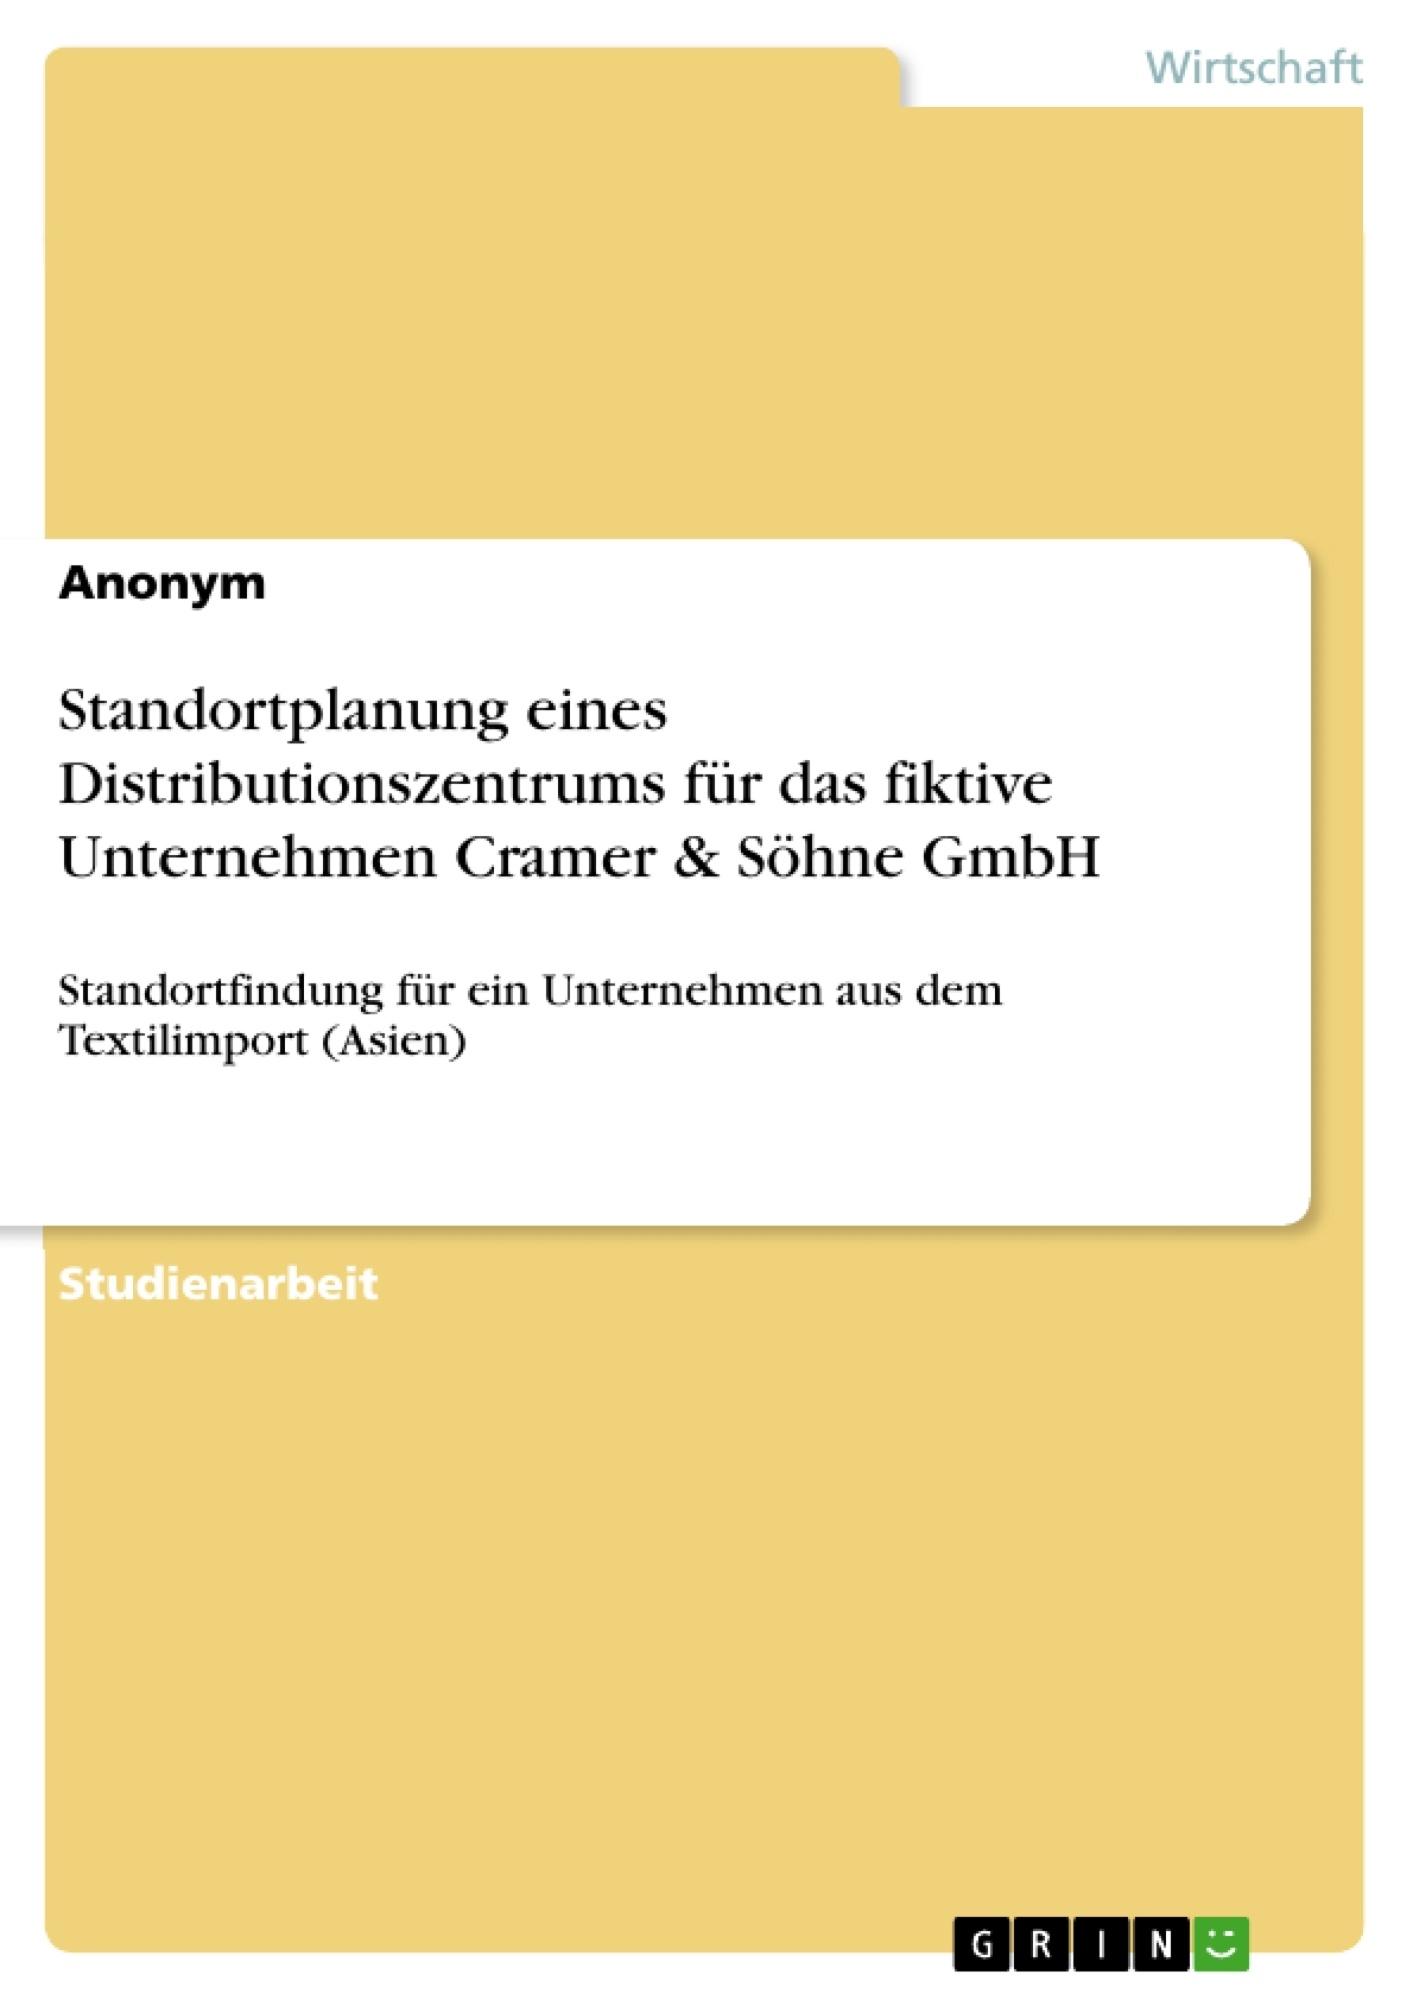 Titel: Standortplanung eines Distributionszentrums für das fiktive Unternehmen Cramer & Söhne GmbH